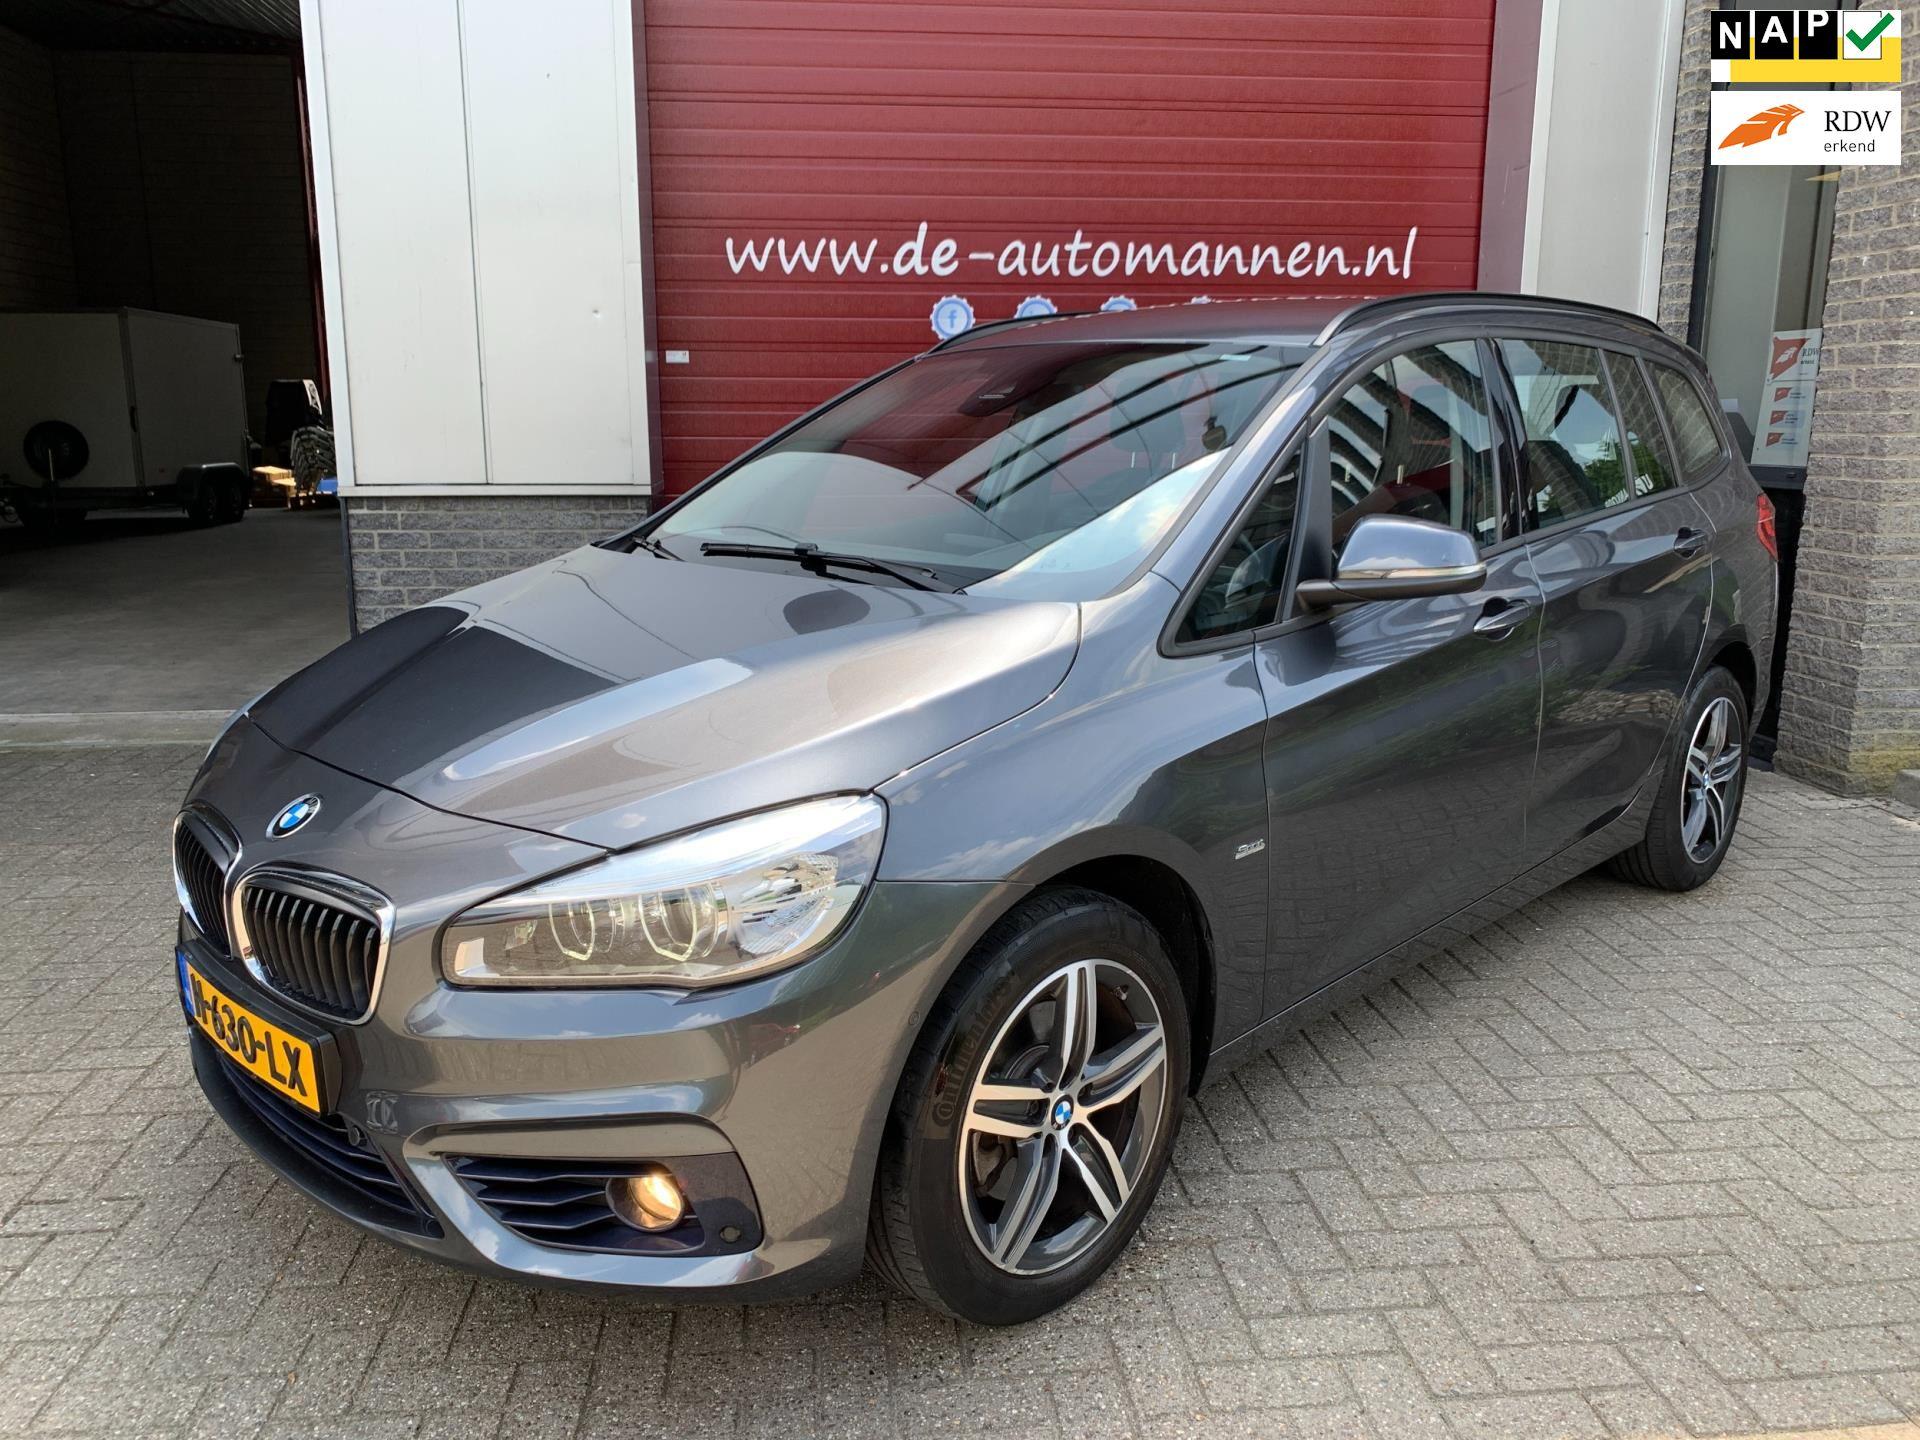 BMW 2-serie Gran Tourer occasion - De Automannen Bouwman & Magito B.V.